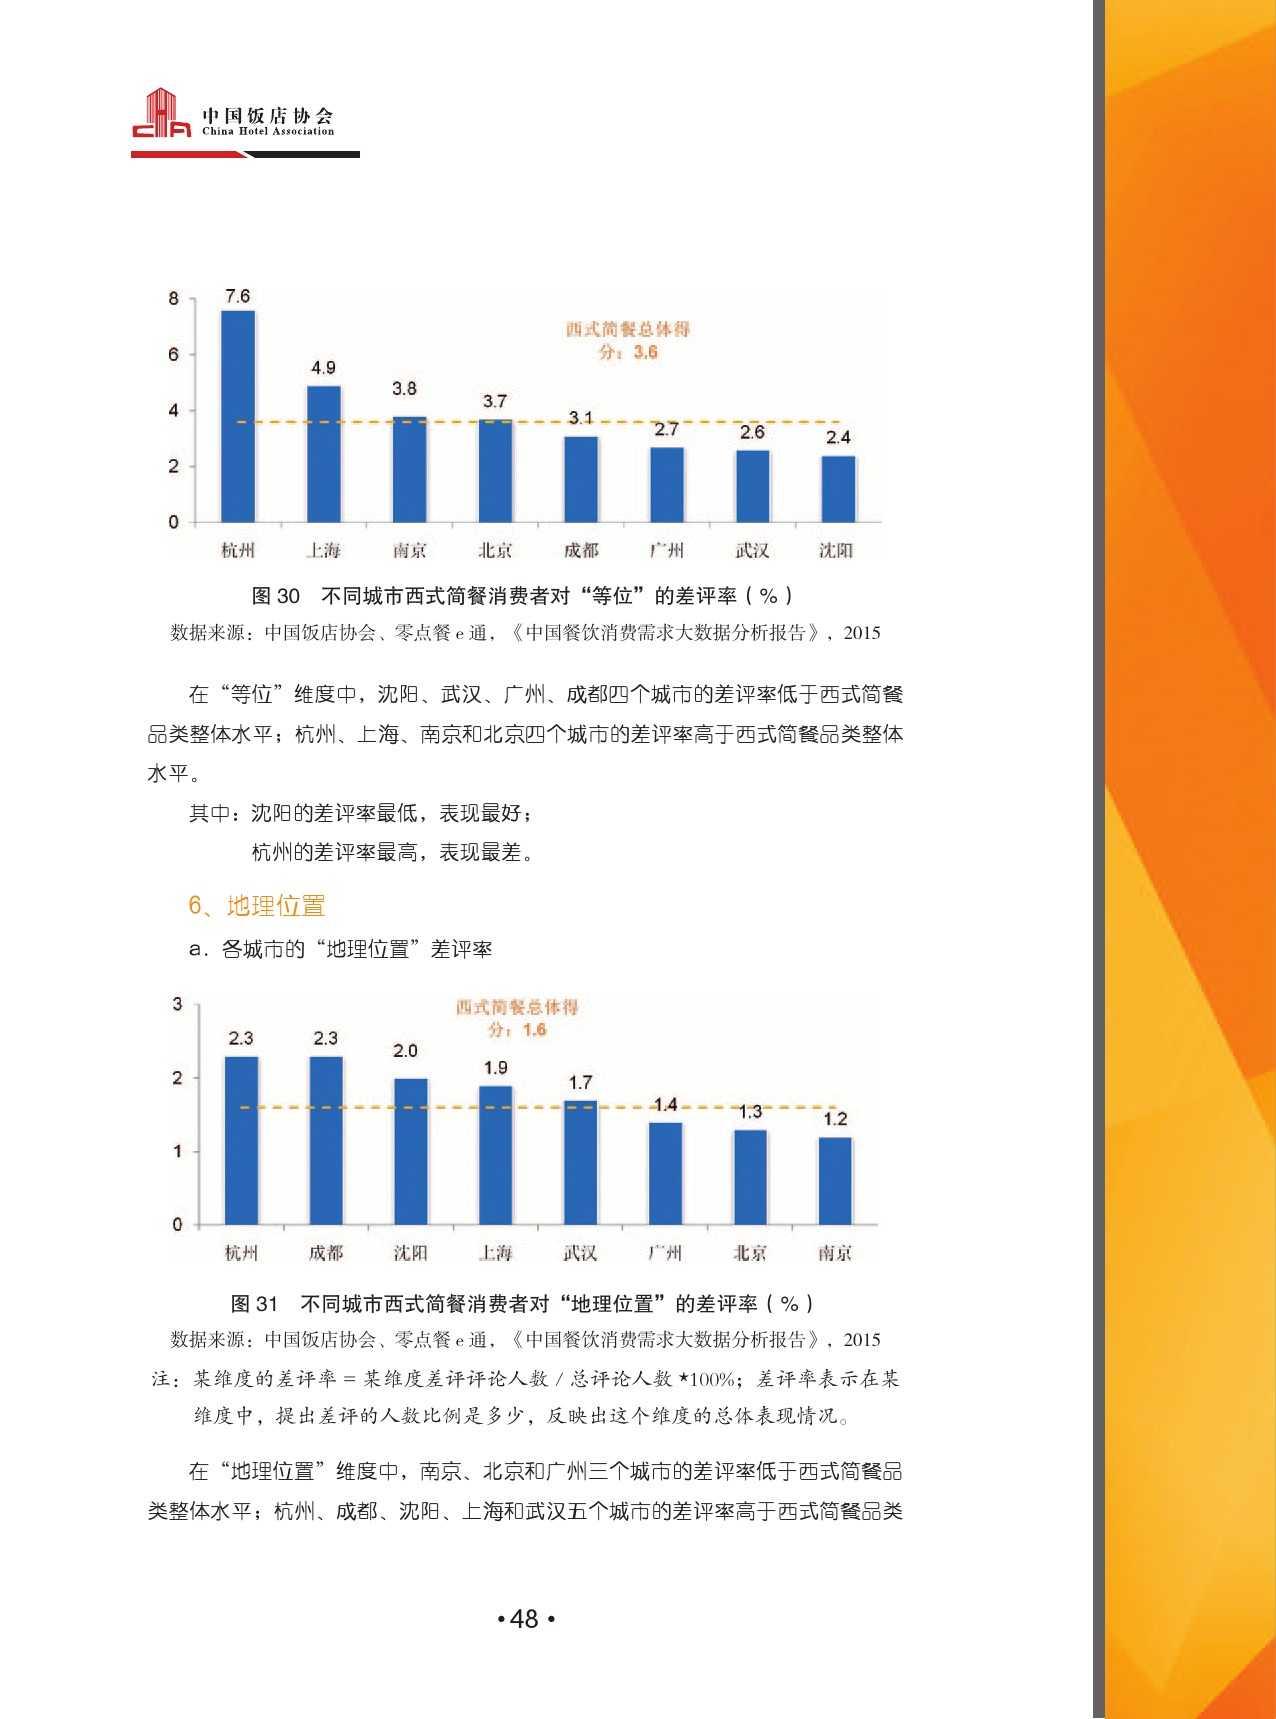 2015中国餐饮消费需求大数据分析报告_000050